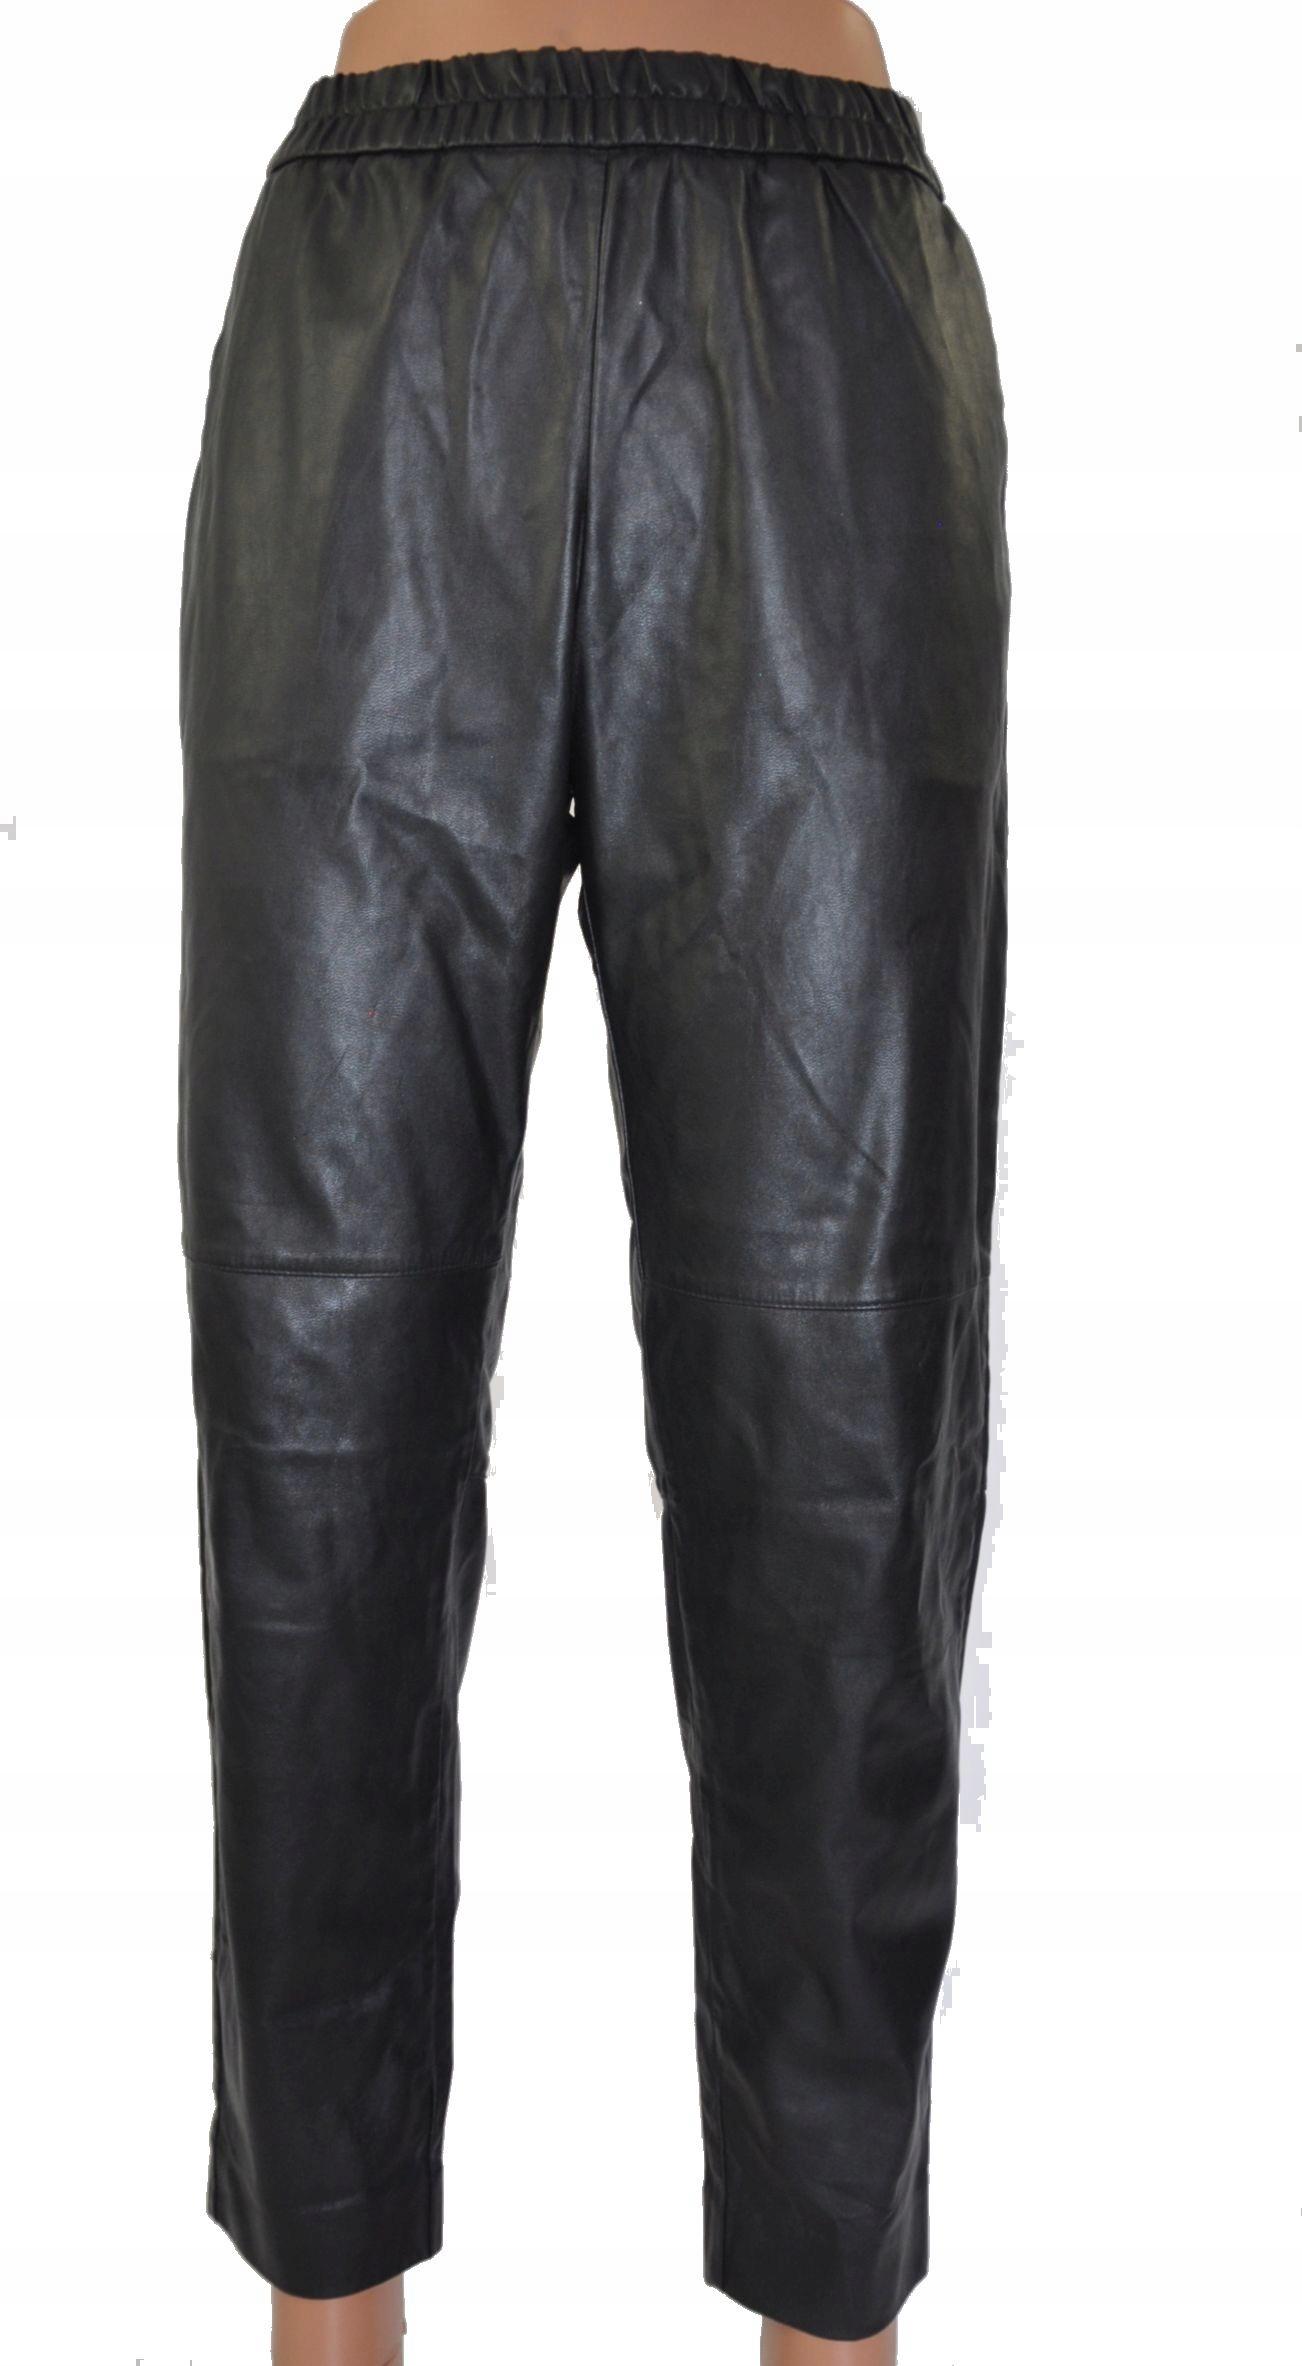 H&M spodnie damskie eco skóra ocieplone 40 L